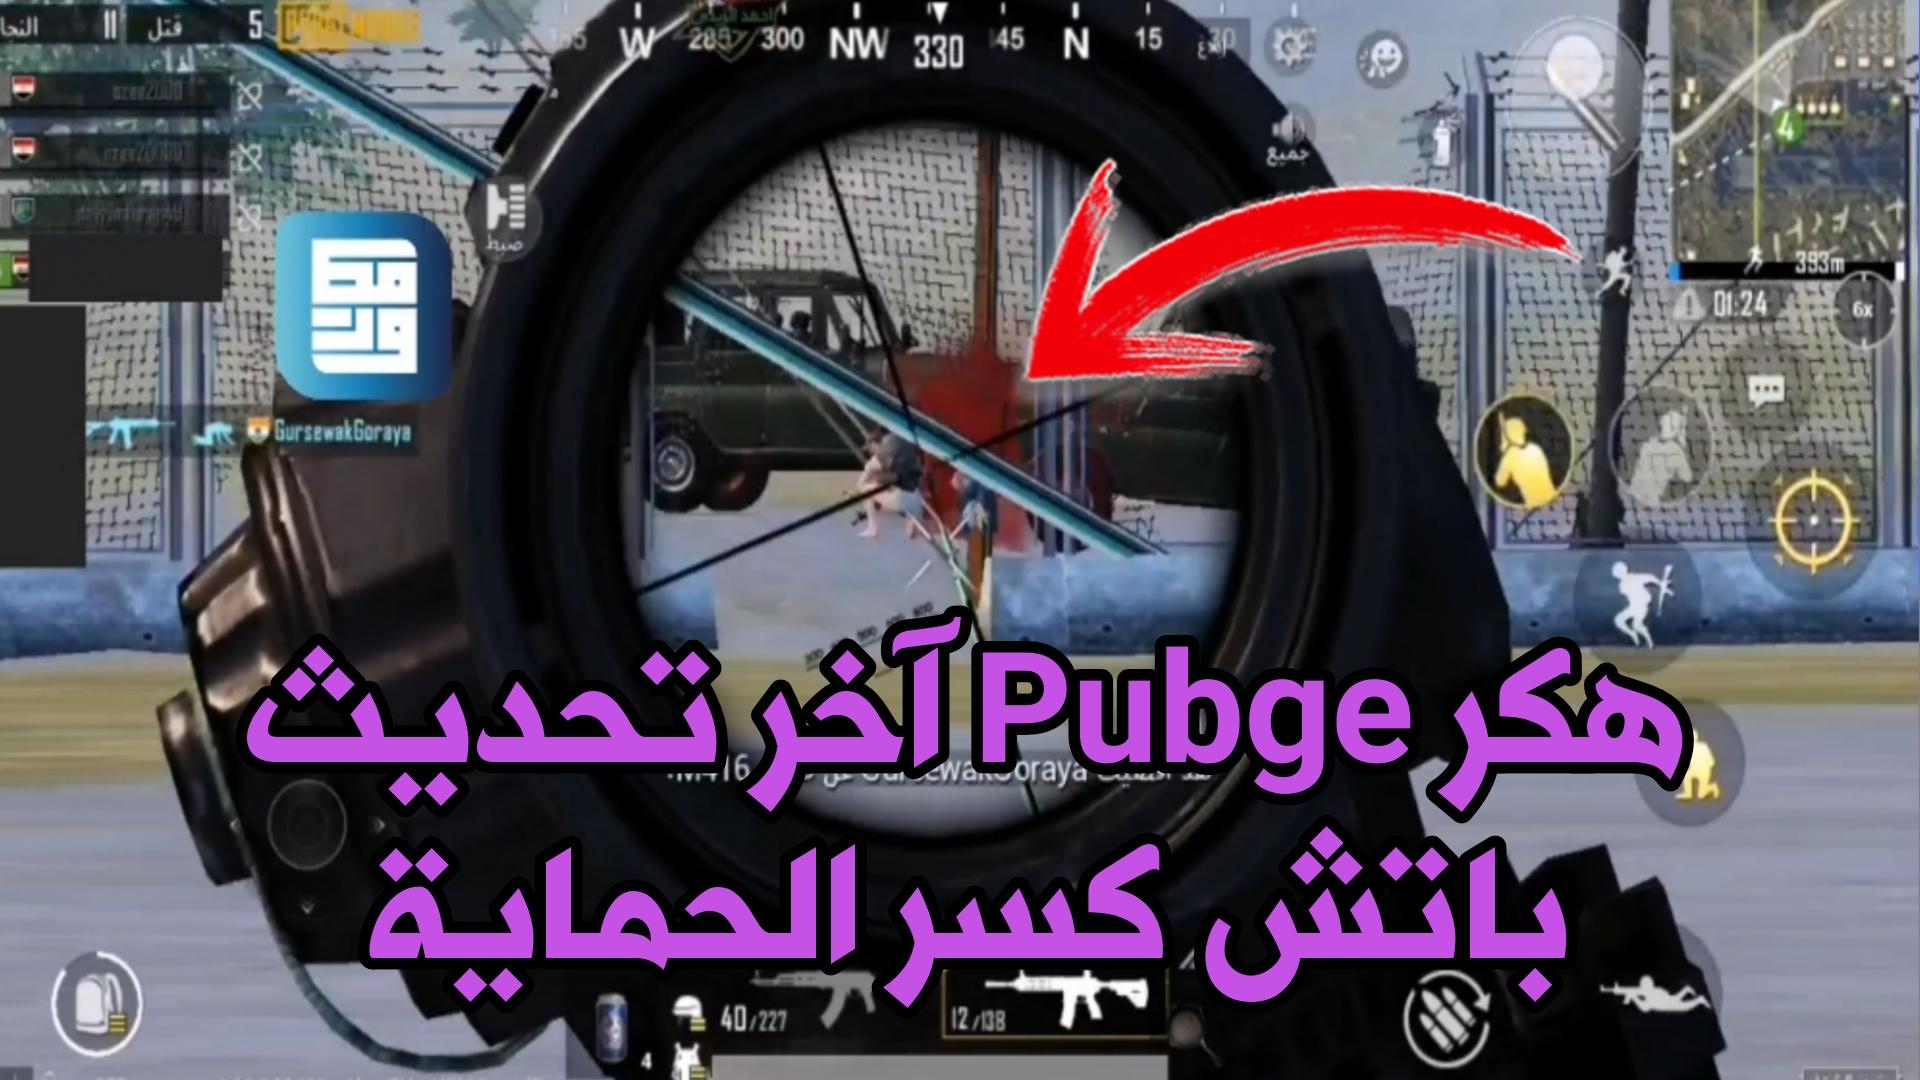 هكر Pubge التحديث الجديد بدون باند باتش كسر حماية اللعبة